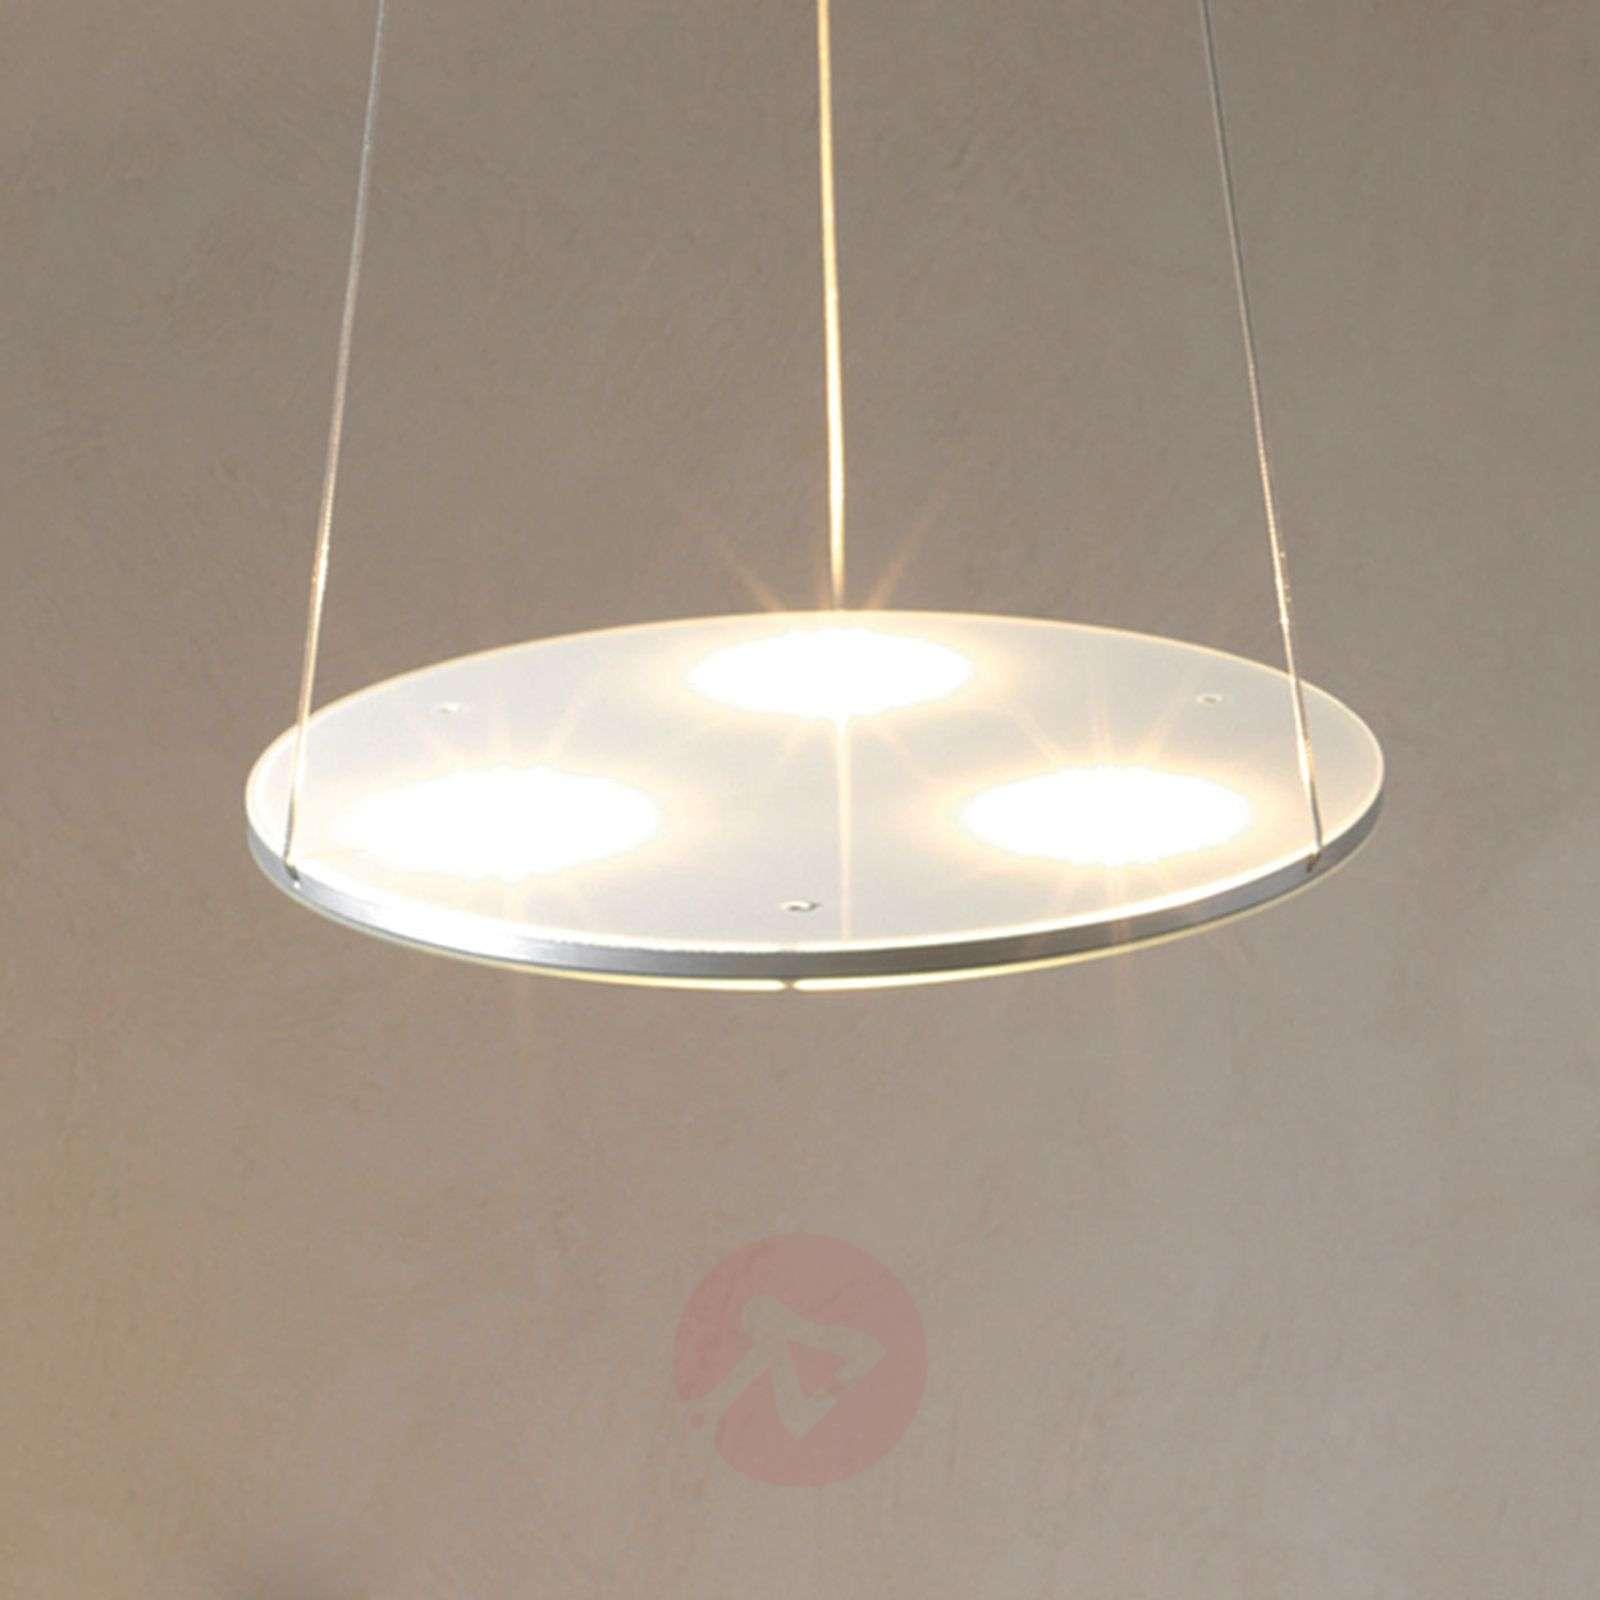 Laadukas LED-riippuvalaisin Avanti, himmennettävä-3051033-01